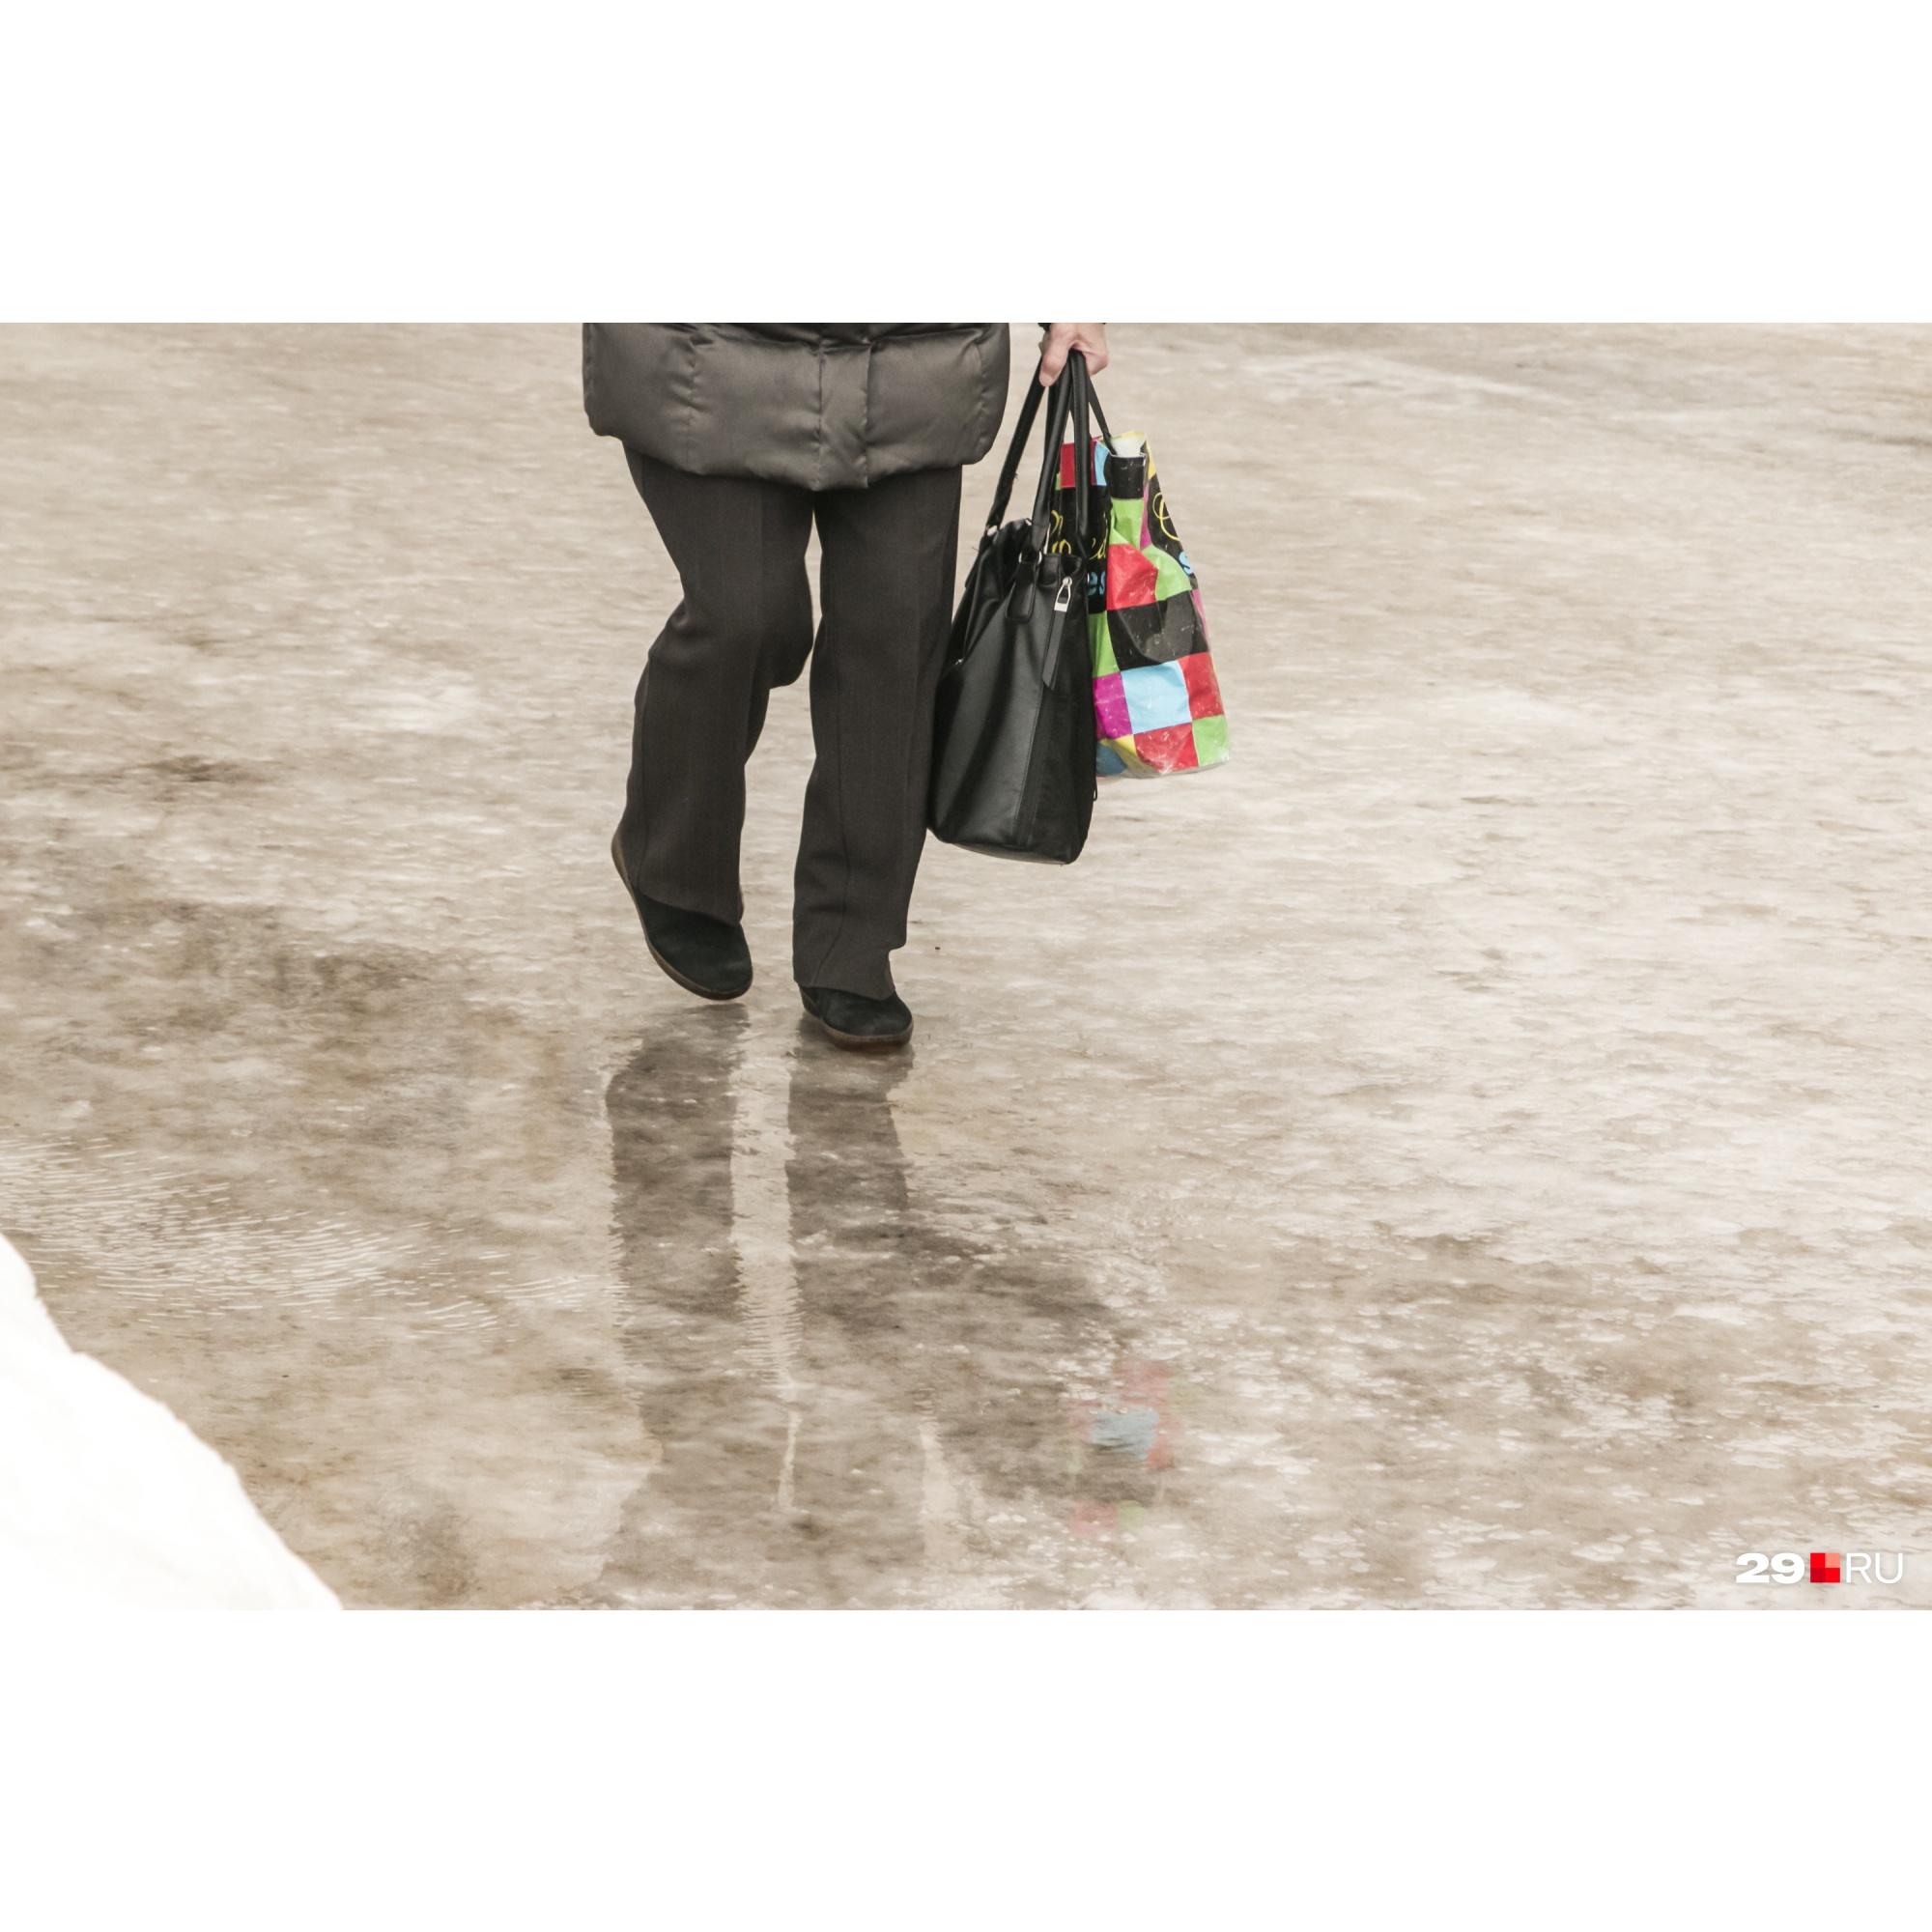 А вы бы стали натирать свою обувь наждачкой и приклеивать на подошву песок?